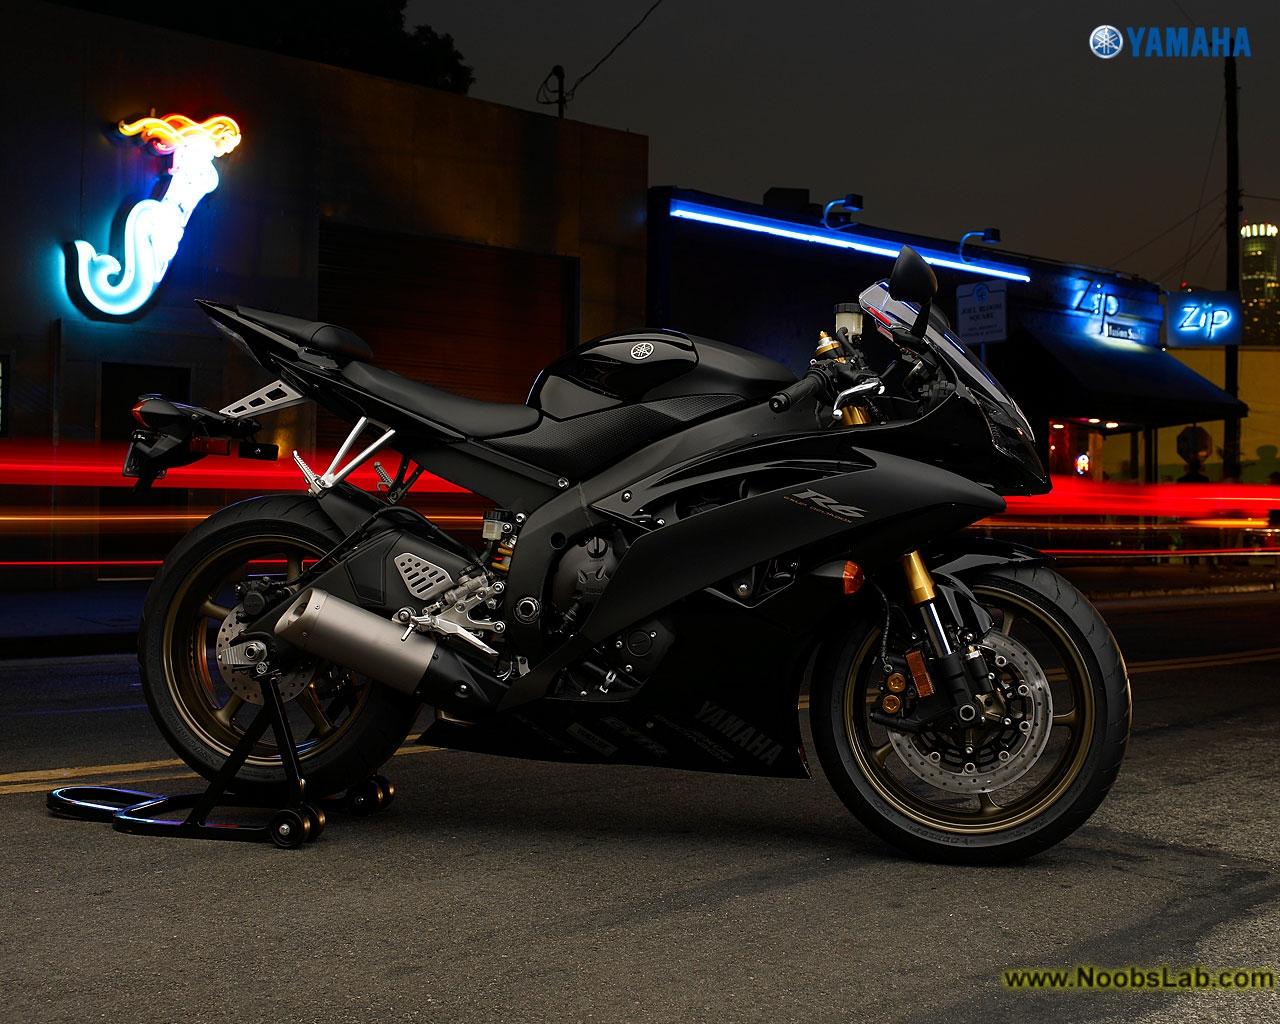 Yamaha New Bikes Image And Price